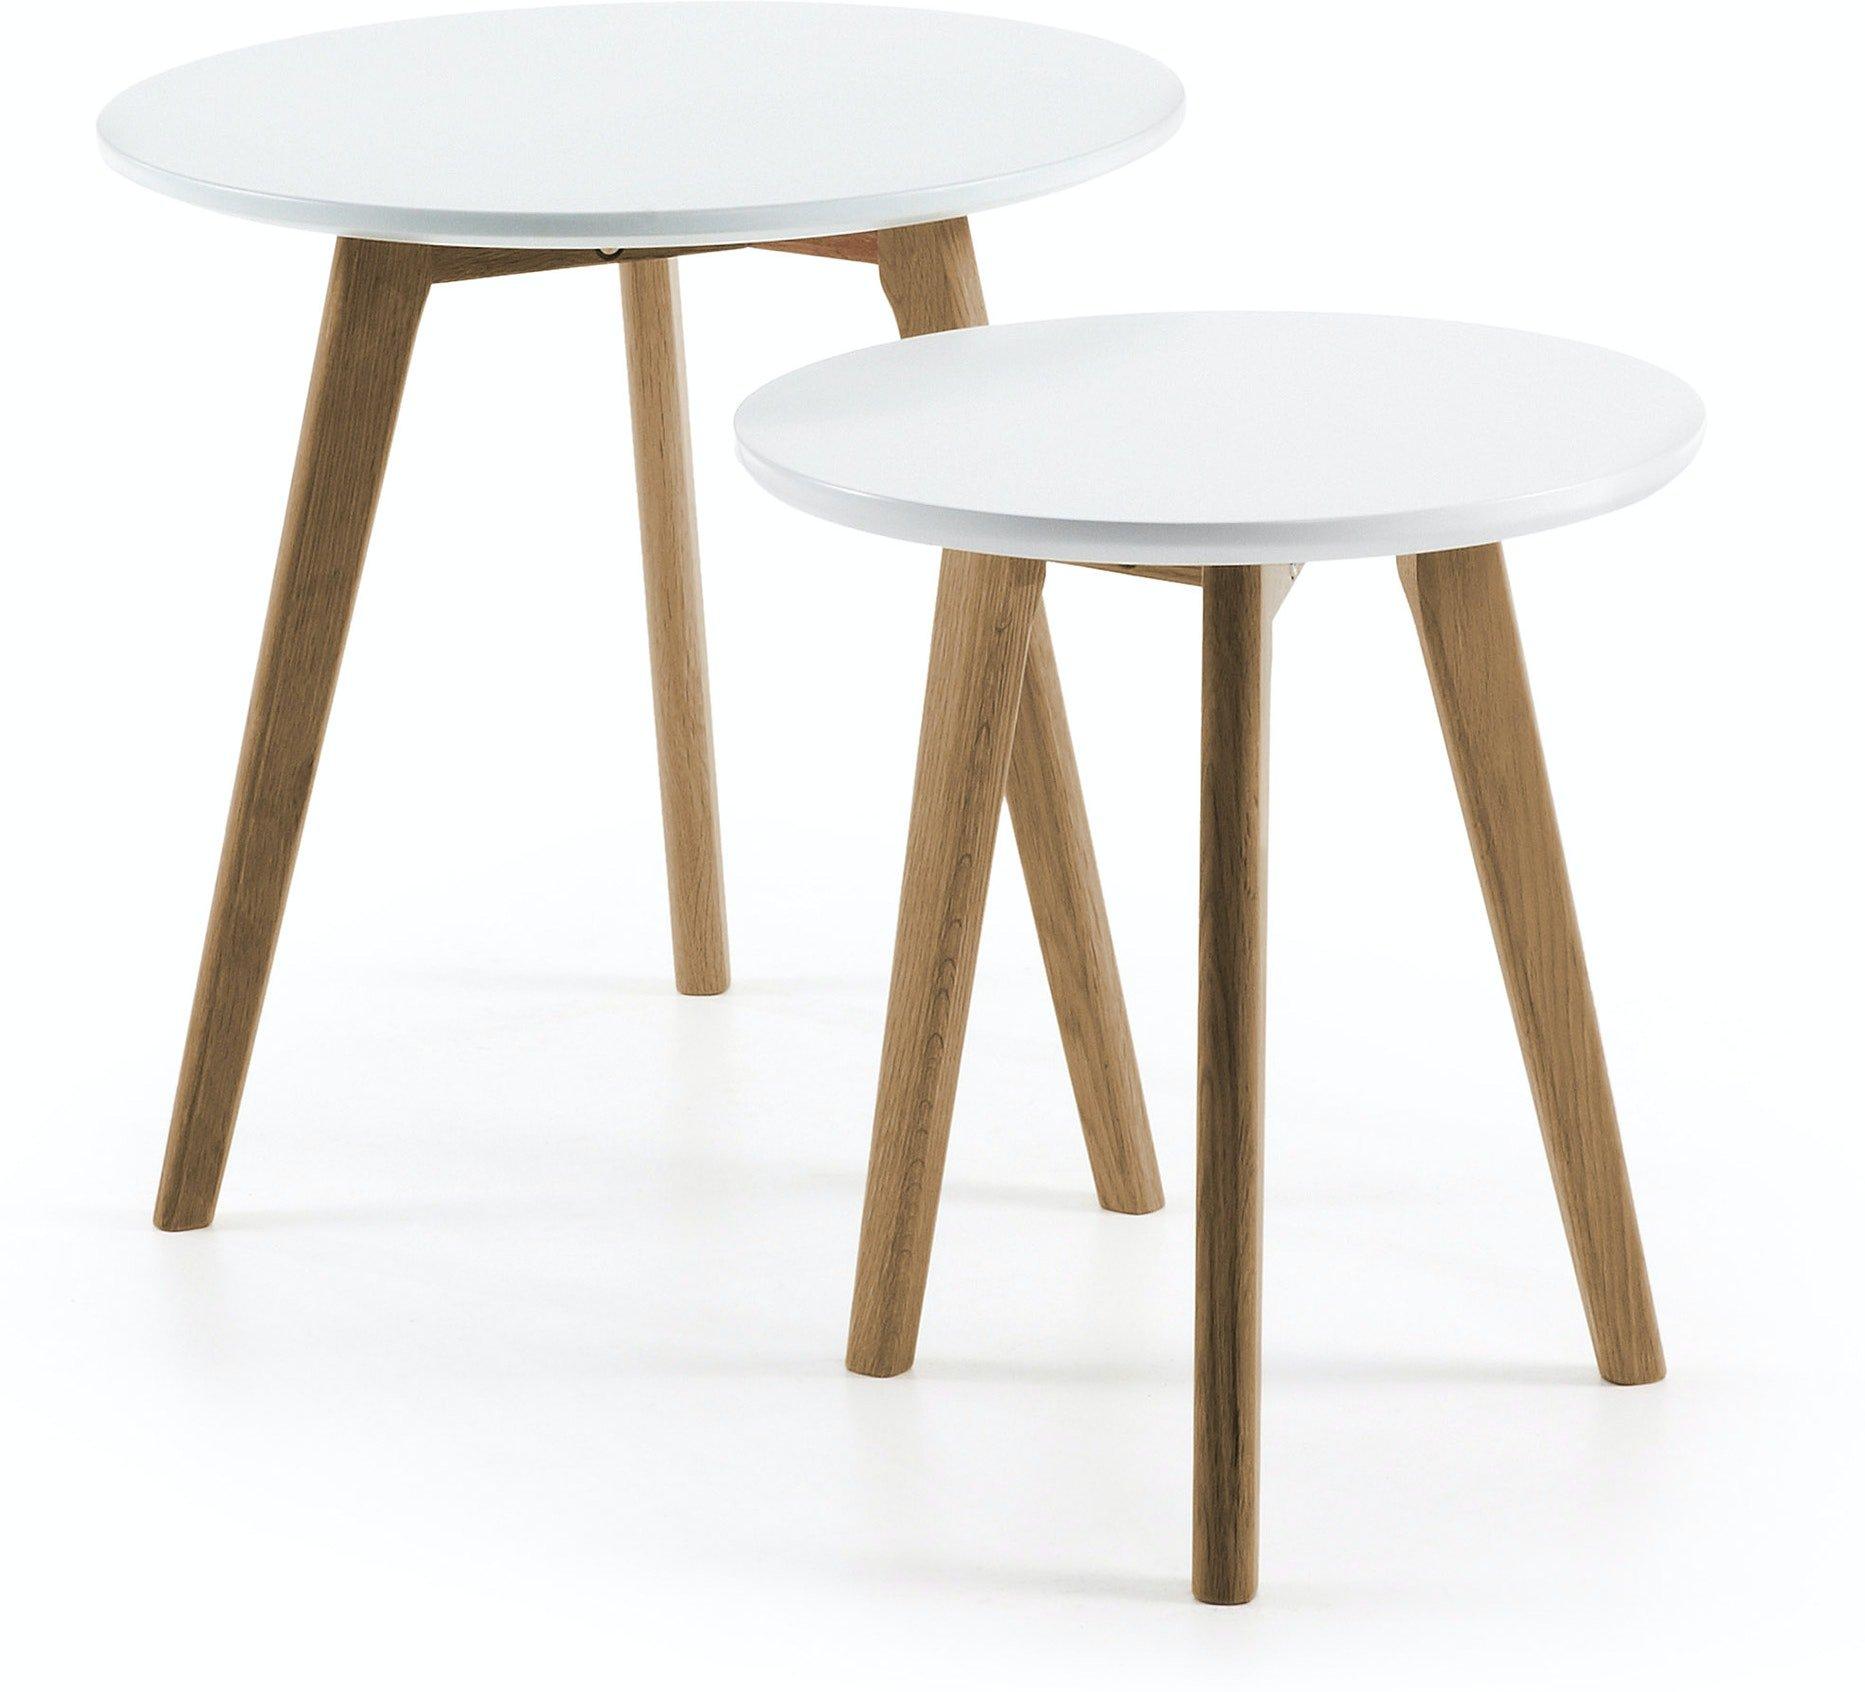 Kirb, Sidebord (sæt af 2 stk.) by LaForma (H: 45 cm. B: 50 cm. L: 50 cm., Hvid/Natur)